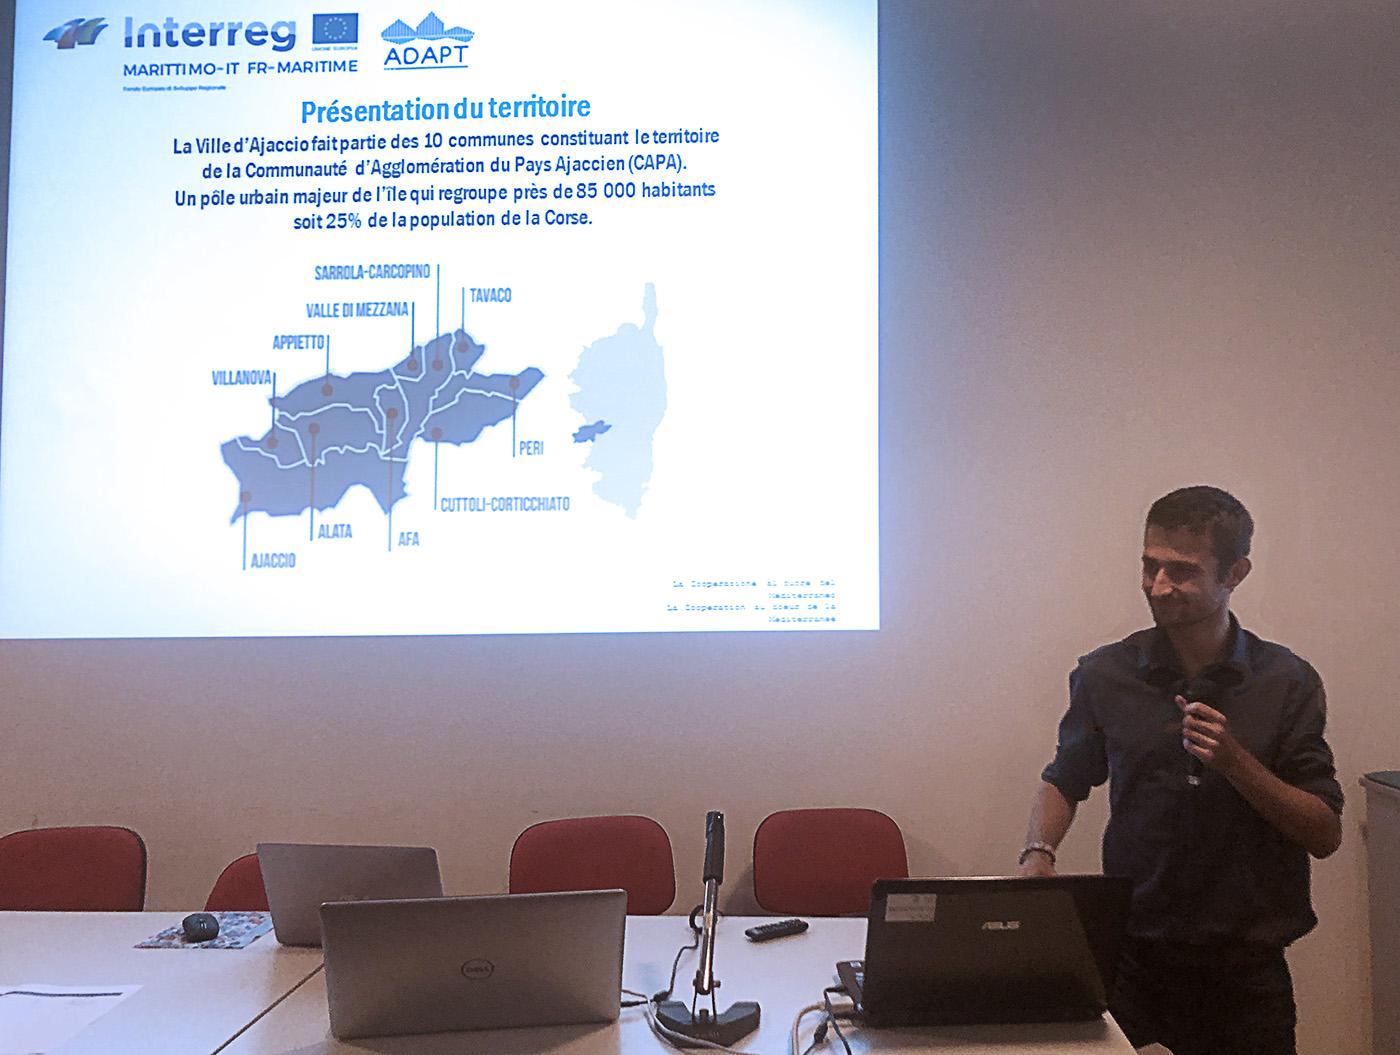 Kevin Mounier présente le plan d'adaptation aux changements climatiques de la Ville d'Ajaccio